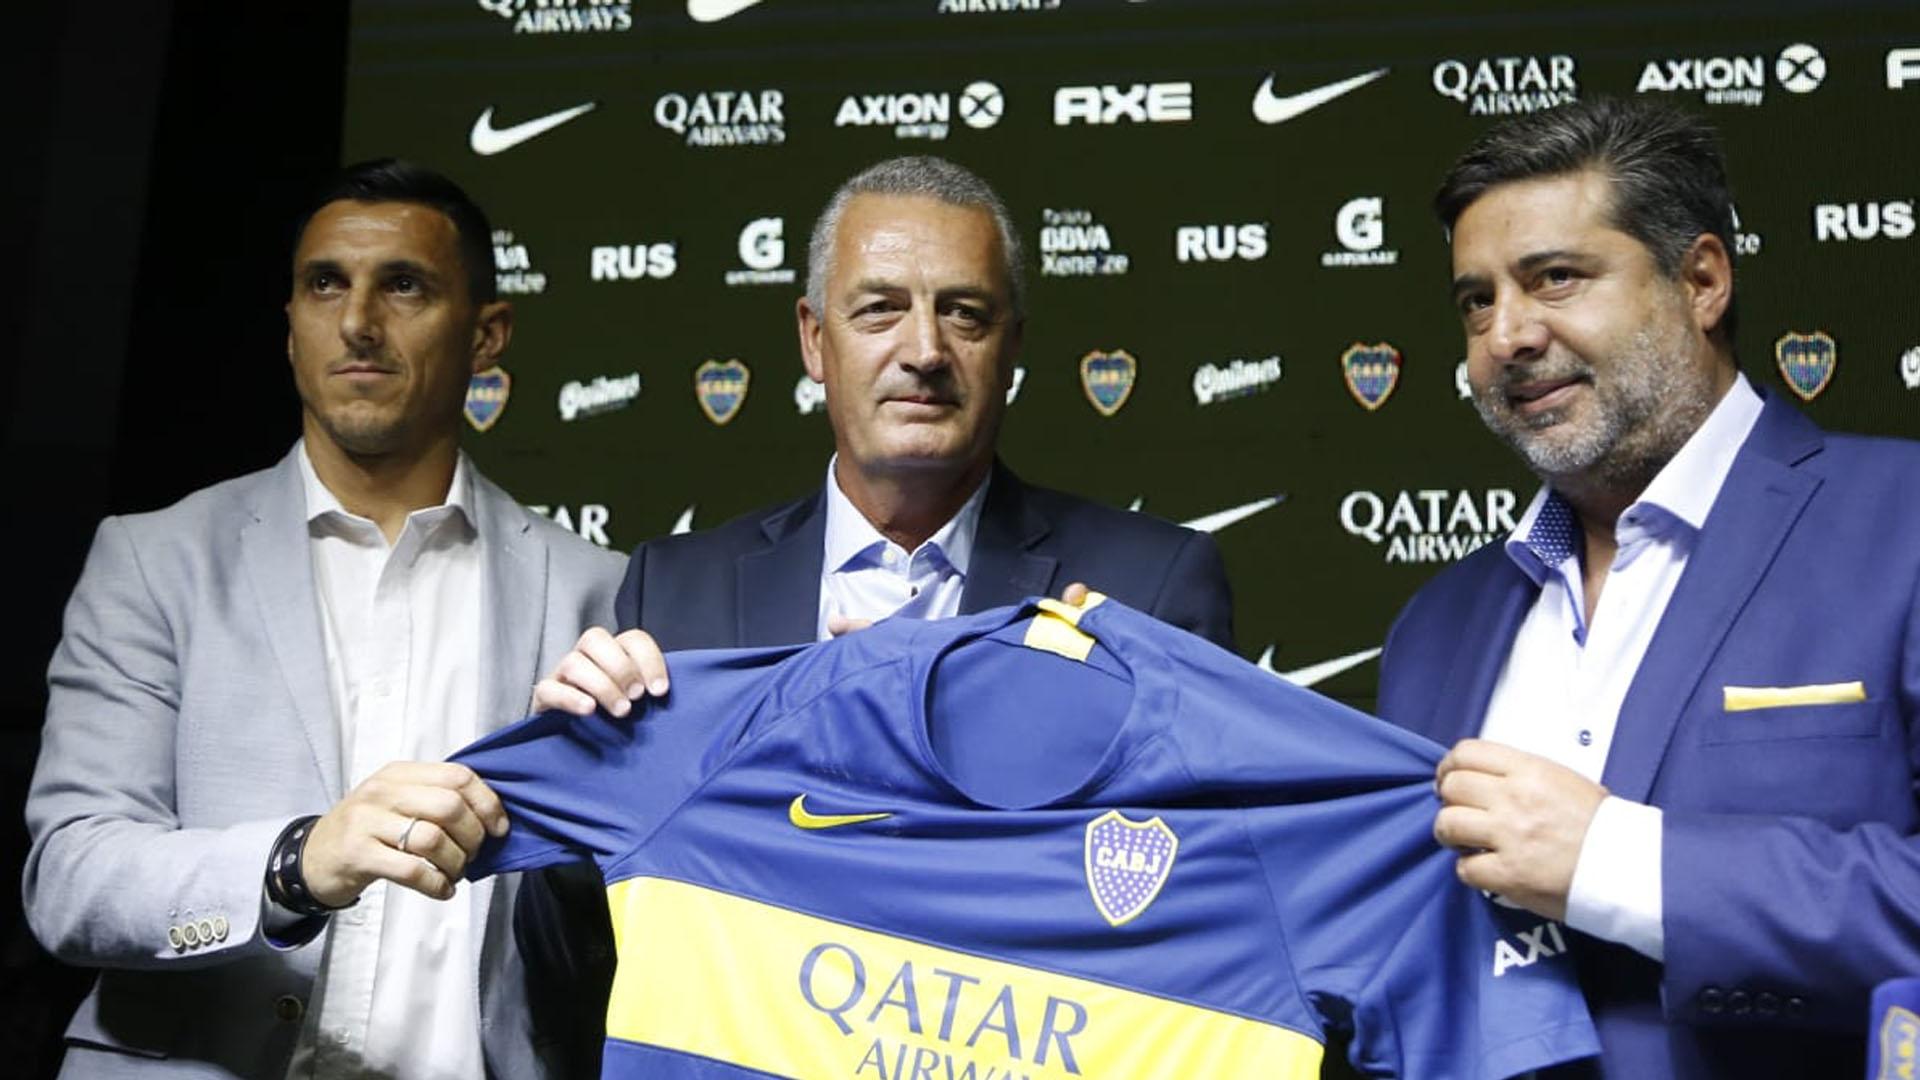 Alfaro posa con la camiseta, escoltado por Nicolás Burdisso y Daniel Angelici (Foto: Nicolás Aboaf)